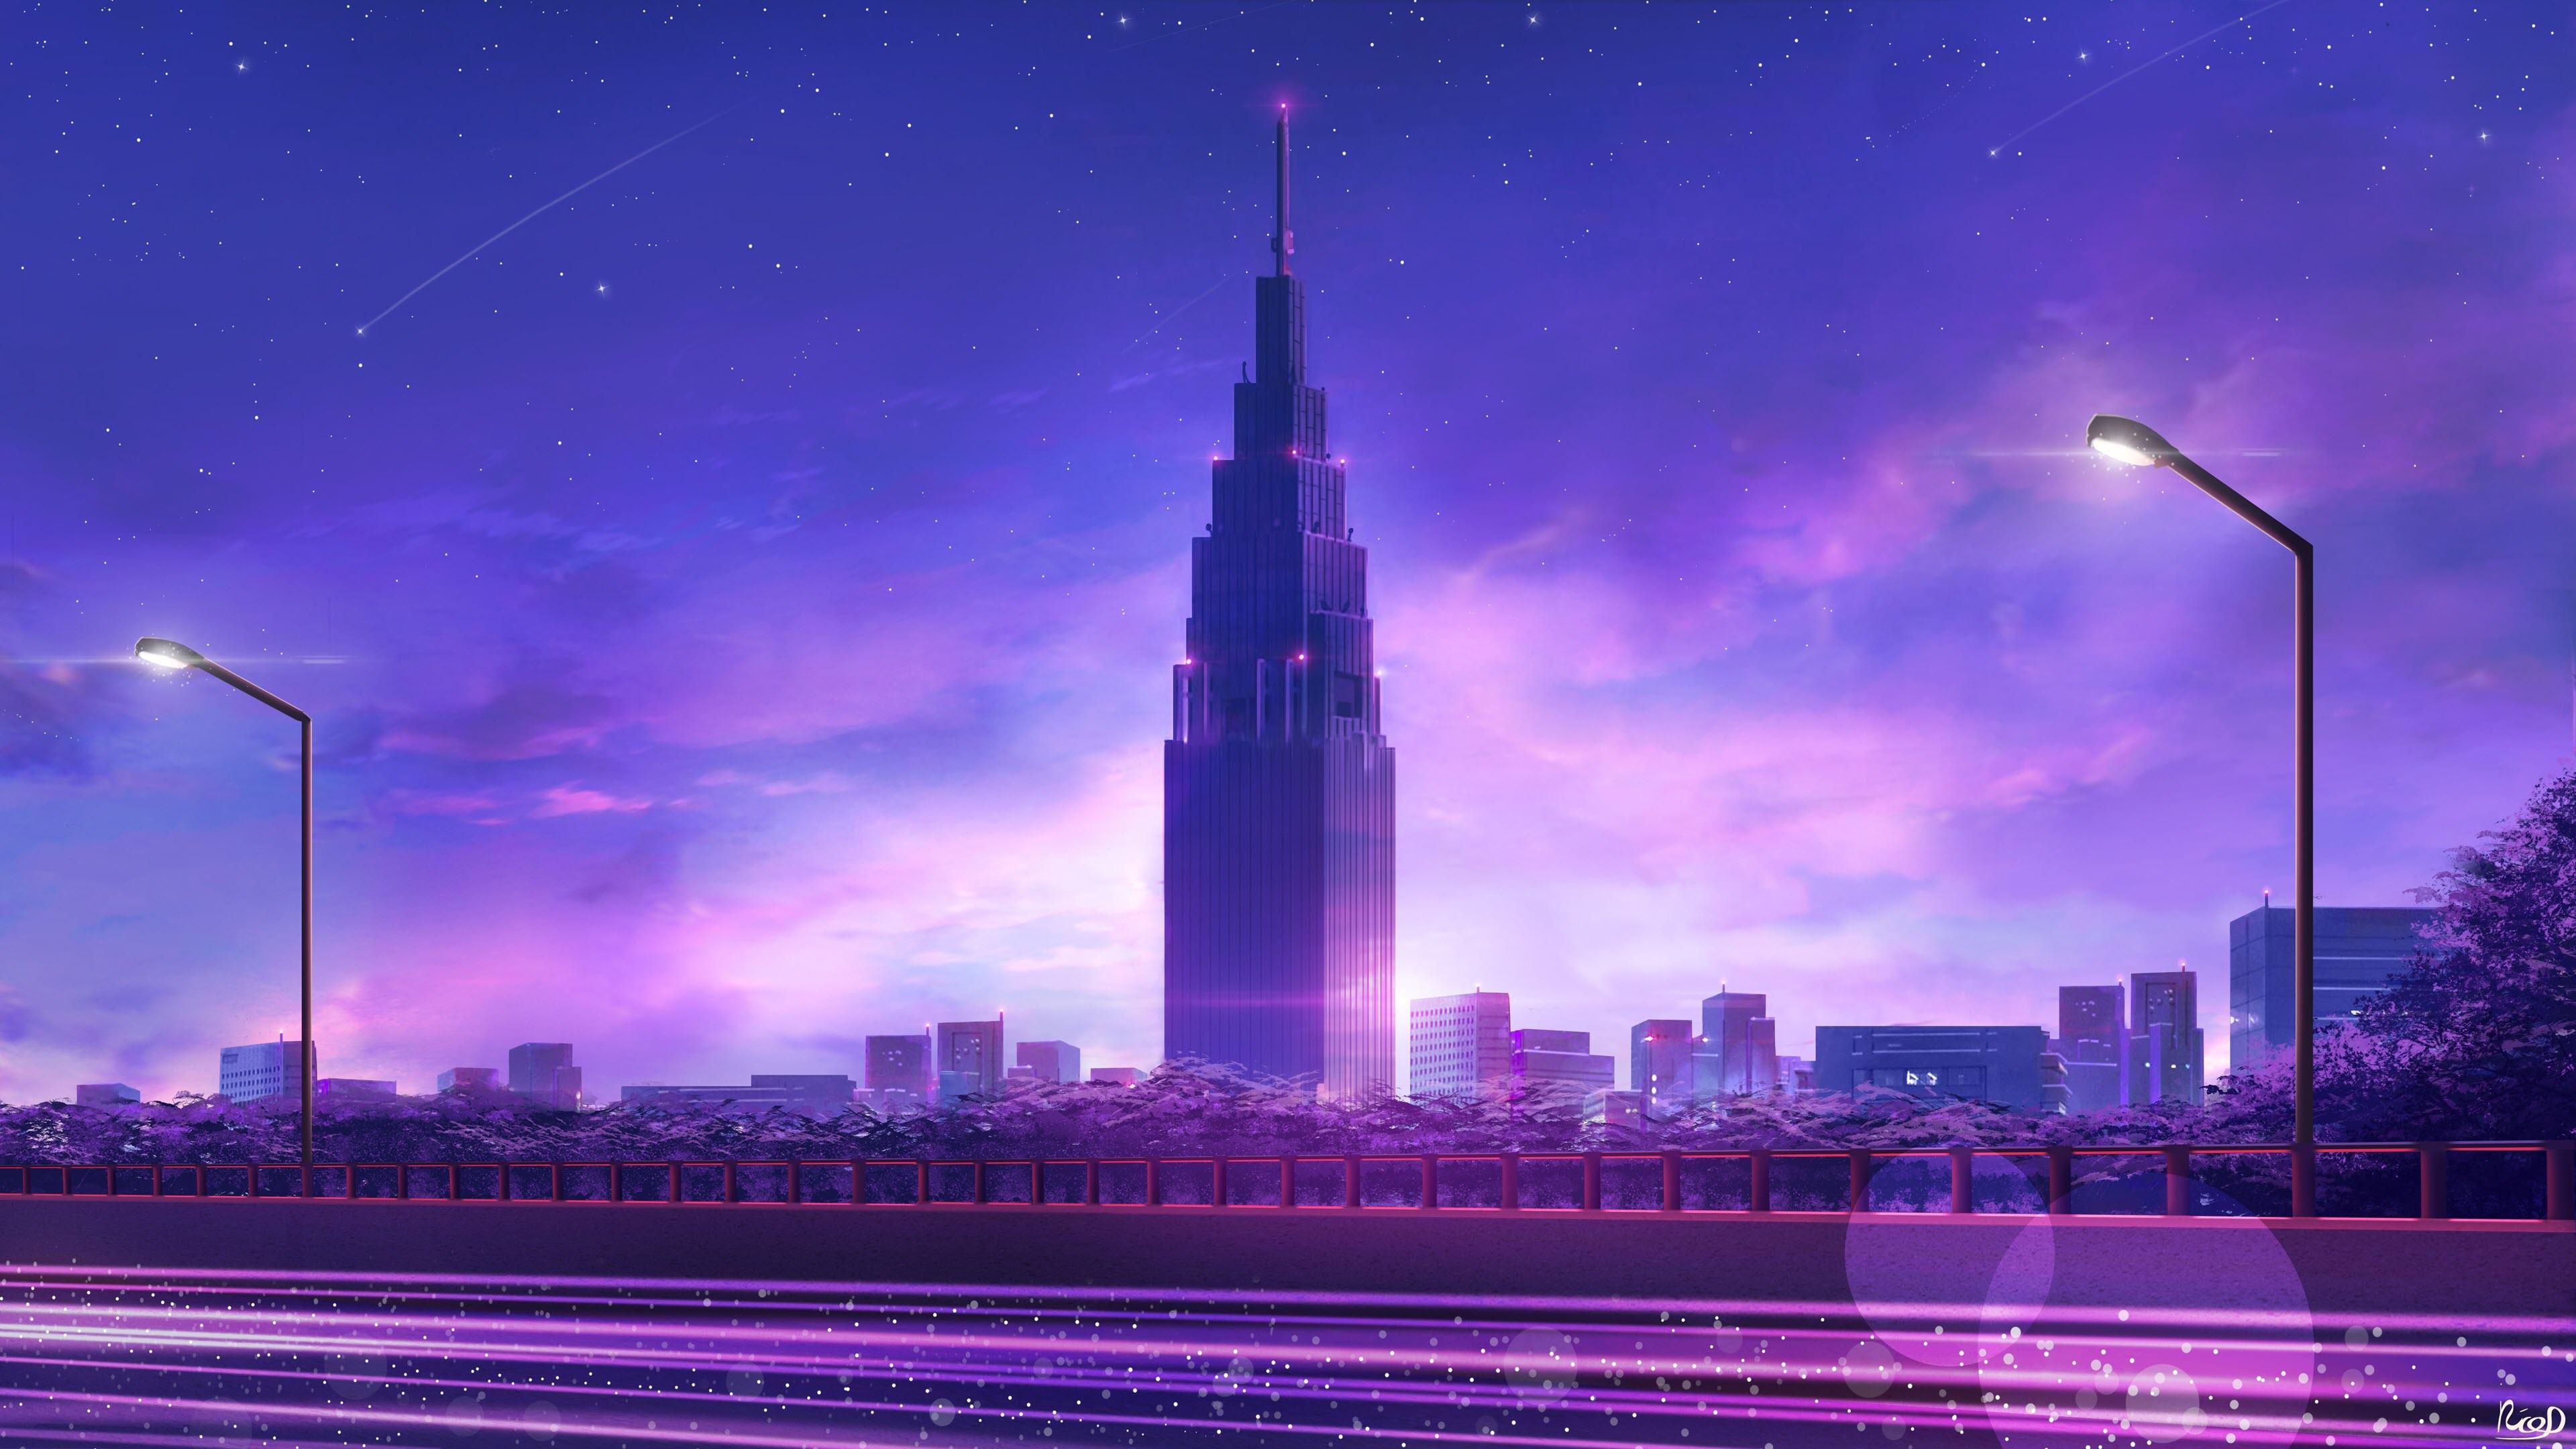 Ảnh nền anime 4K đẹp nhất